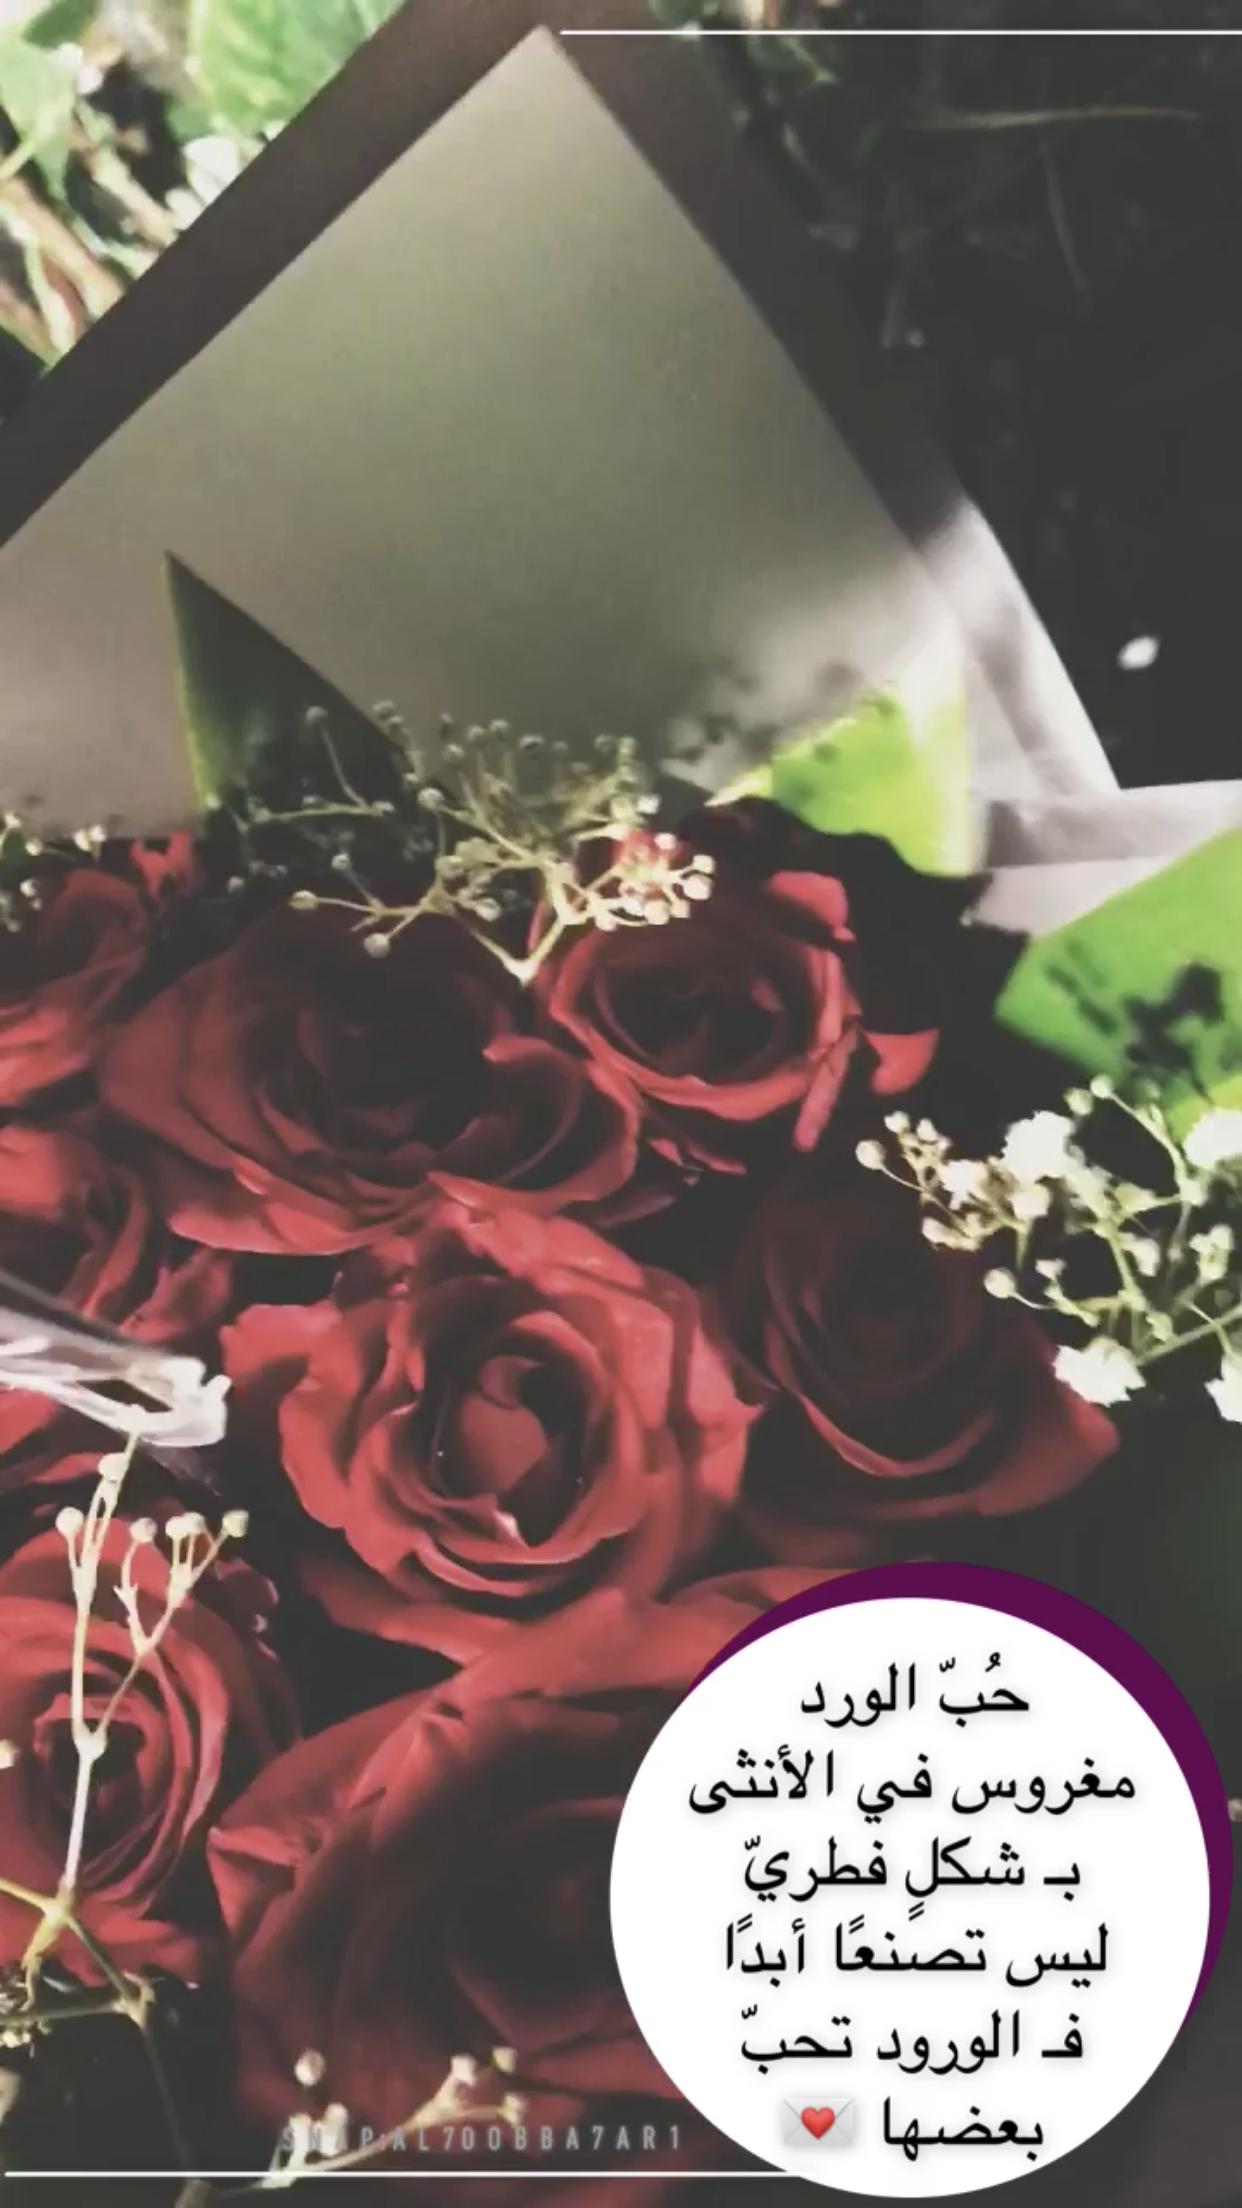 همسة ح ب الورد مغروس في الأنثى بـ شكل فطري ليس تصنع ا أبد ا فـ الورود تحب بعضها ت Pink Wallpaper Iphone Pink Wallpaper Iphone Wallpaper